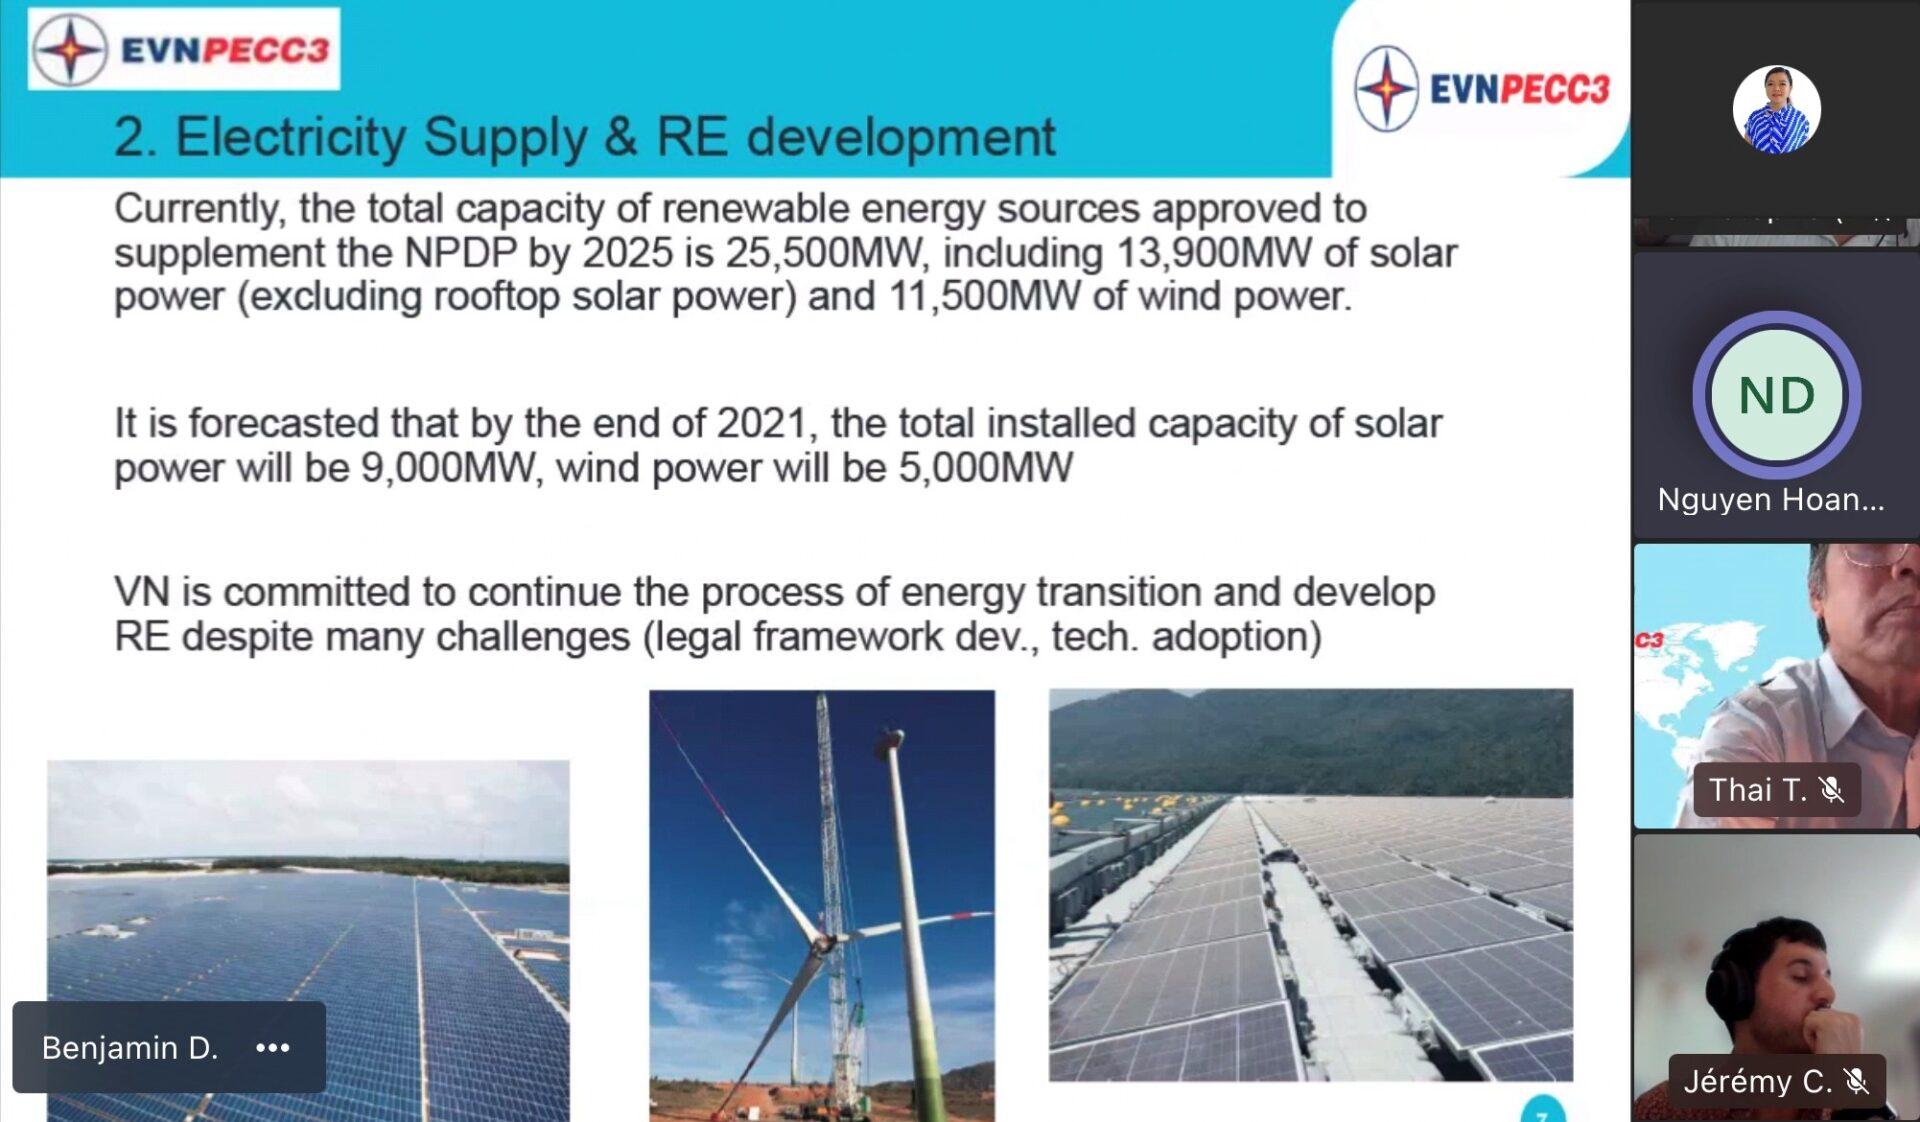 Một thông tin trong bài trình bày của ông Nguyễn Hoàng Dũng – Trưởng phòng Năng lượng tái tạo PECC3